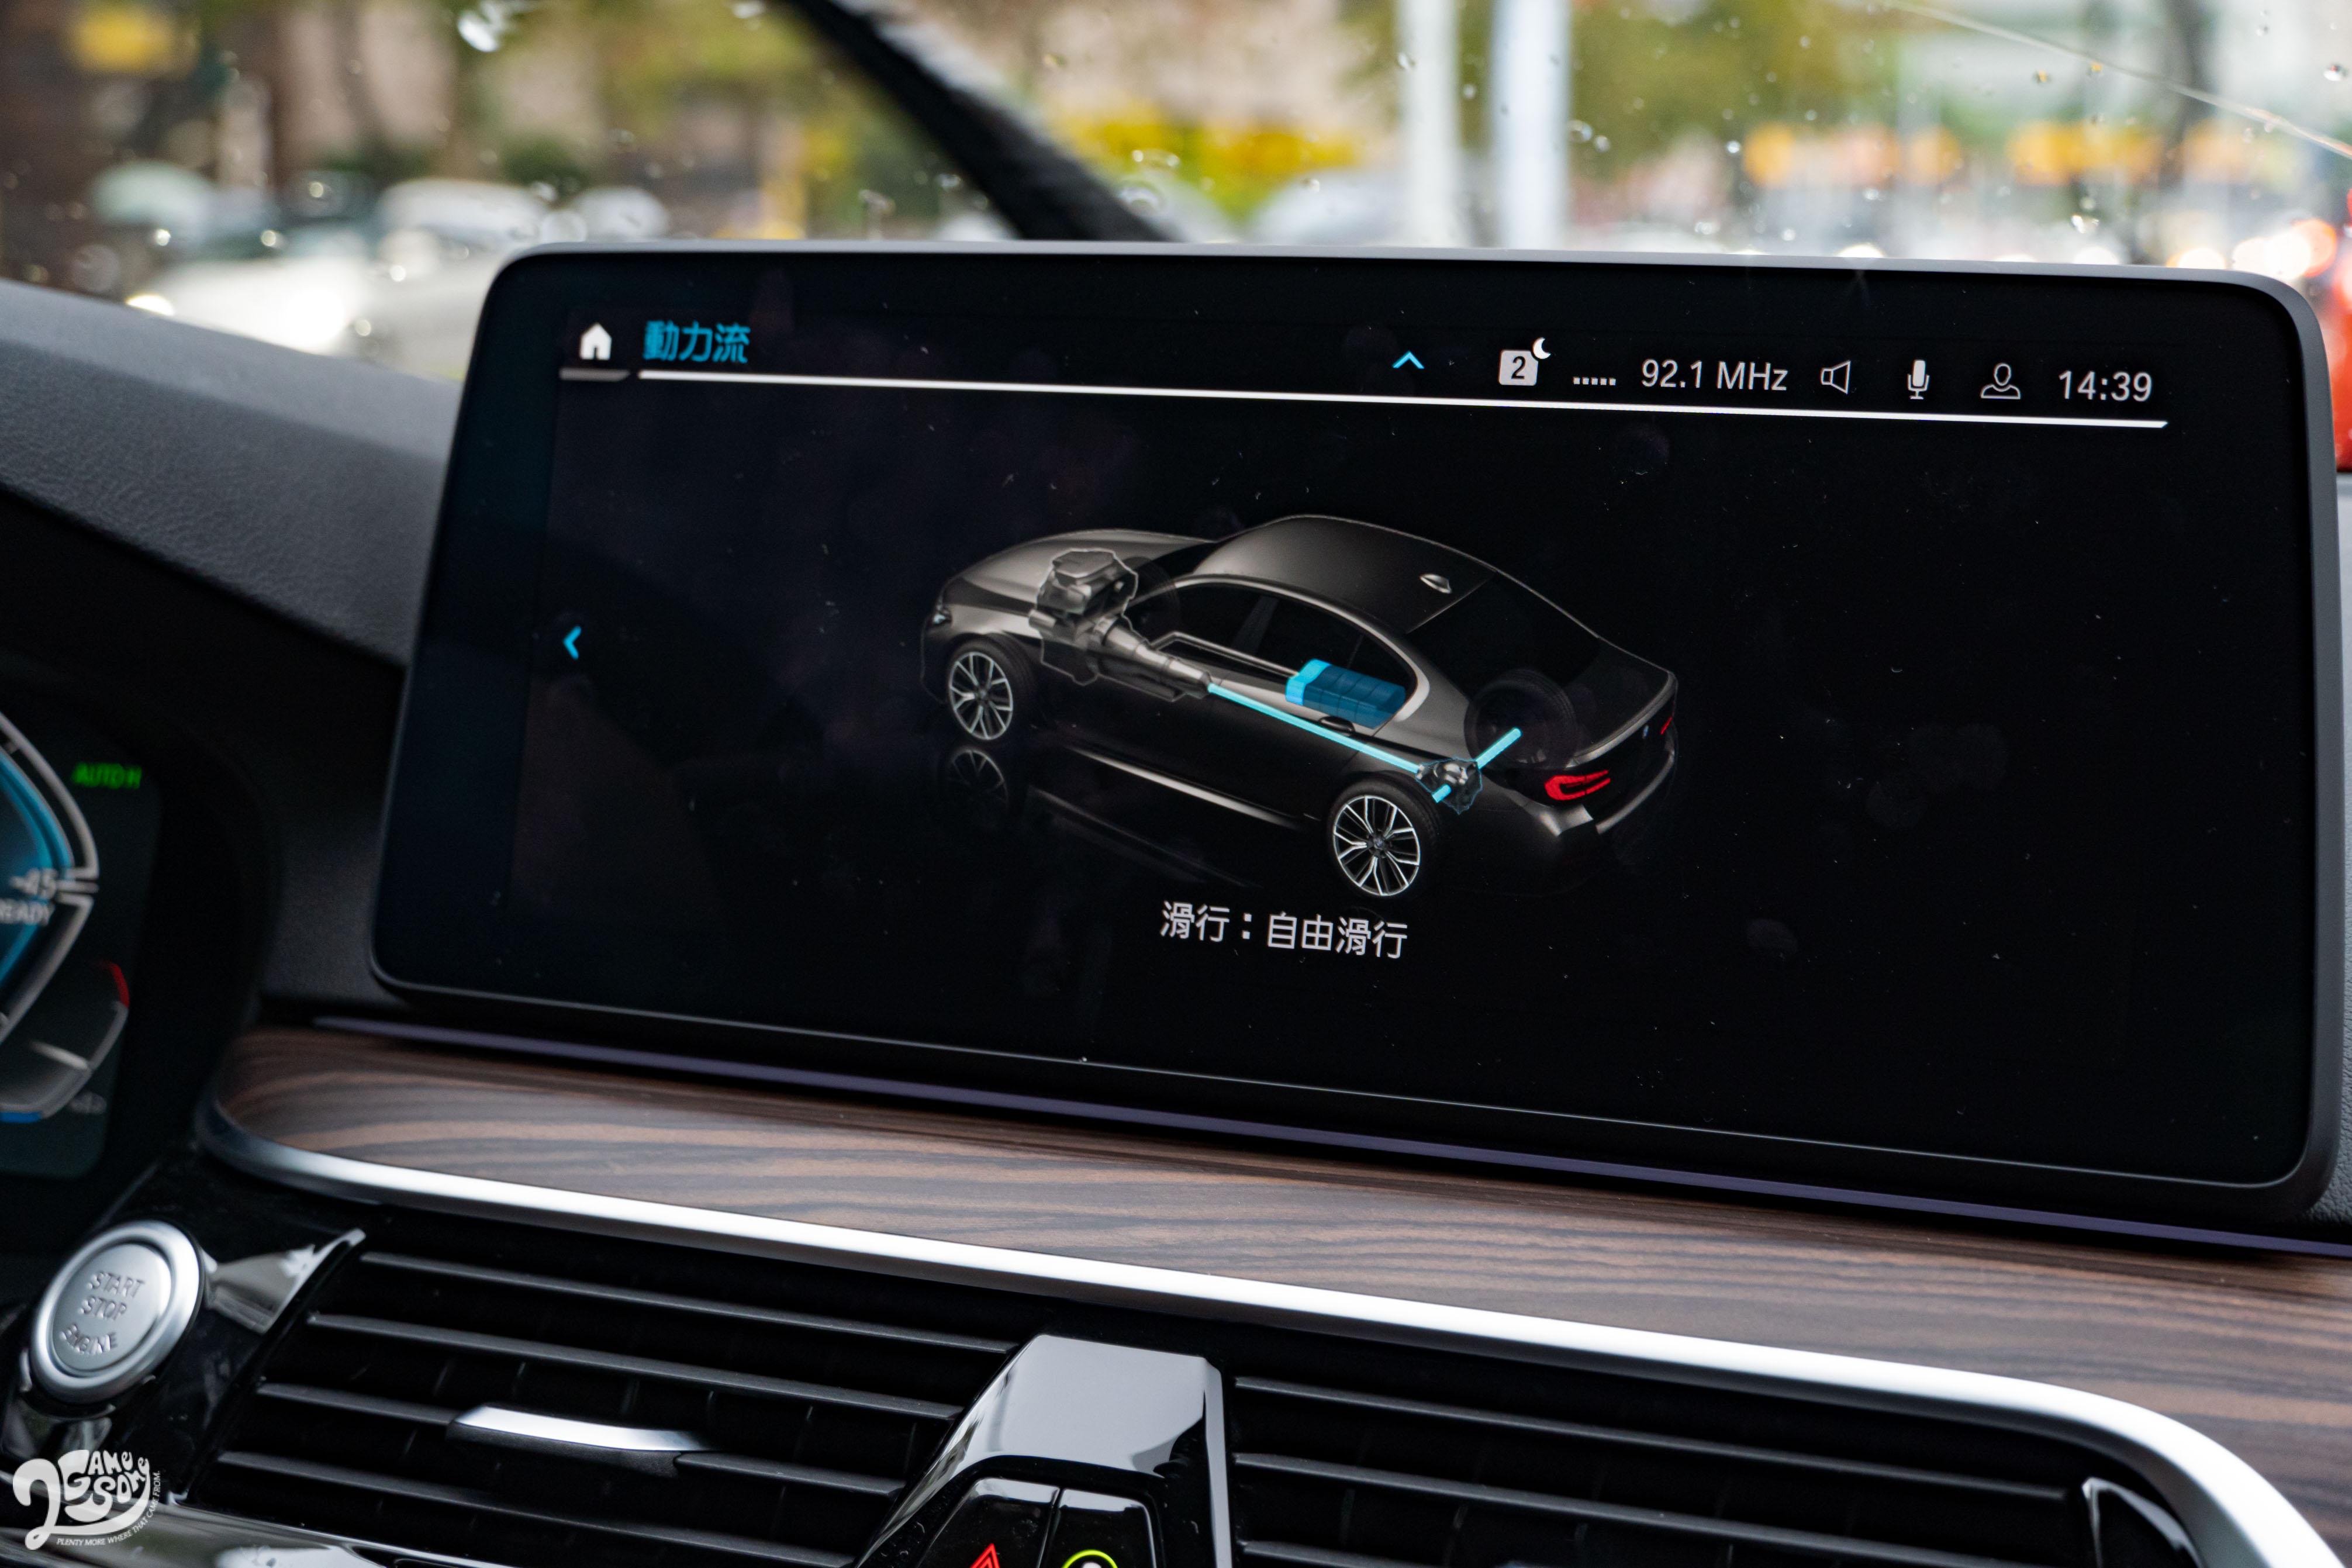 若進入「動力流」頁面查看,可以看到車輛即時的動力來源,以及電池充電狀態。